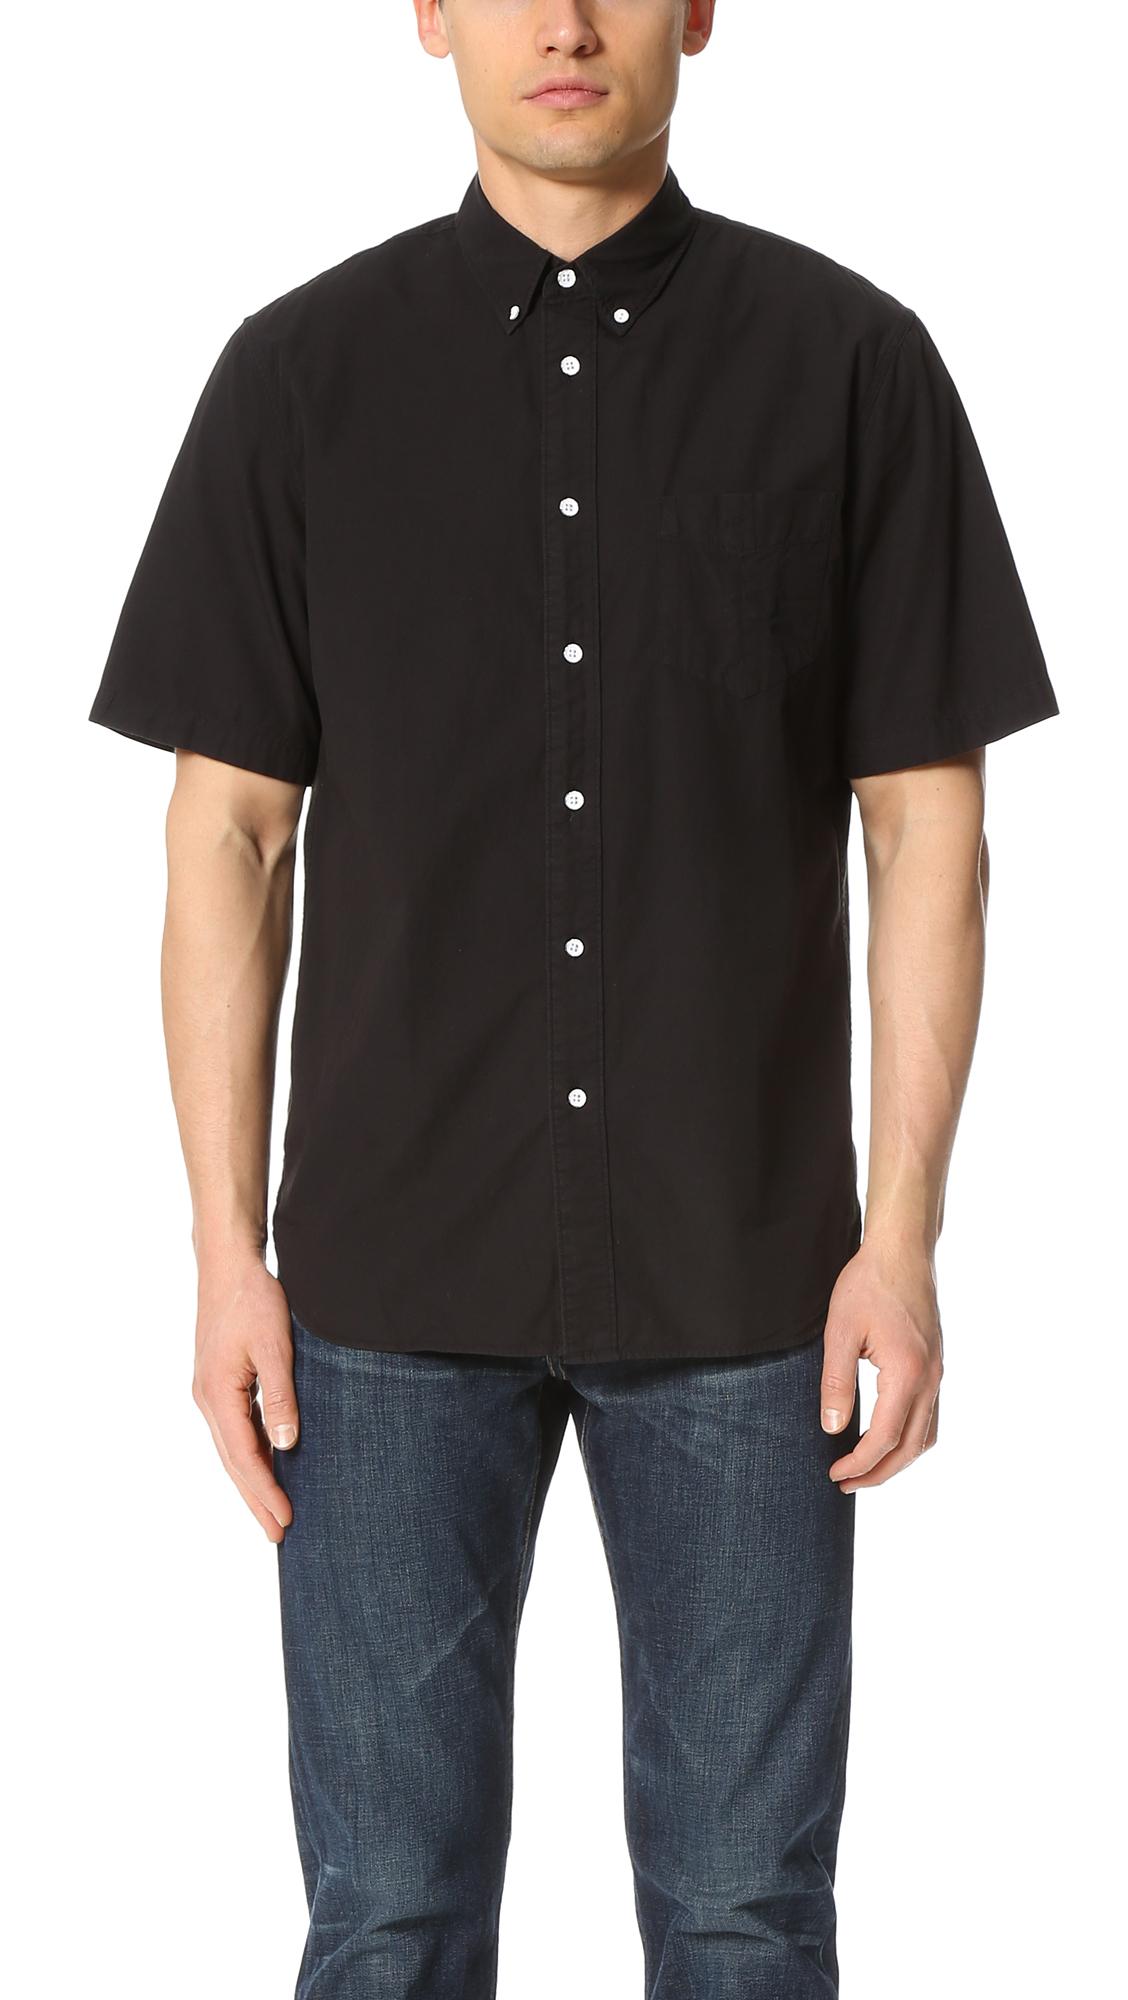 Rag Bone Short Sleeve Standard Issue Shirt In Black For